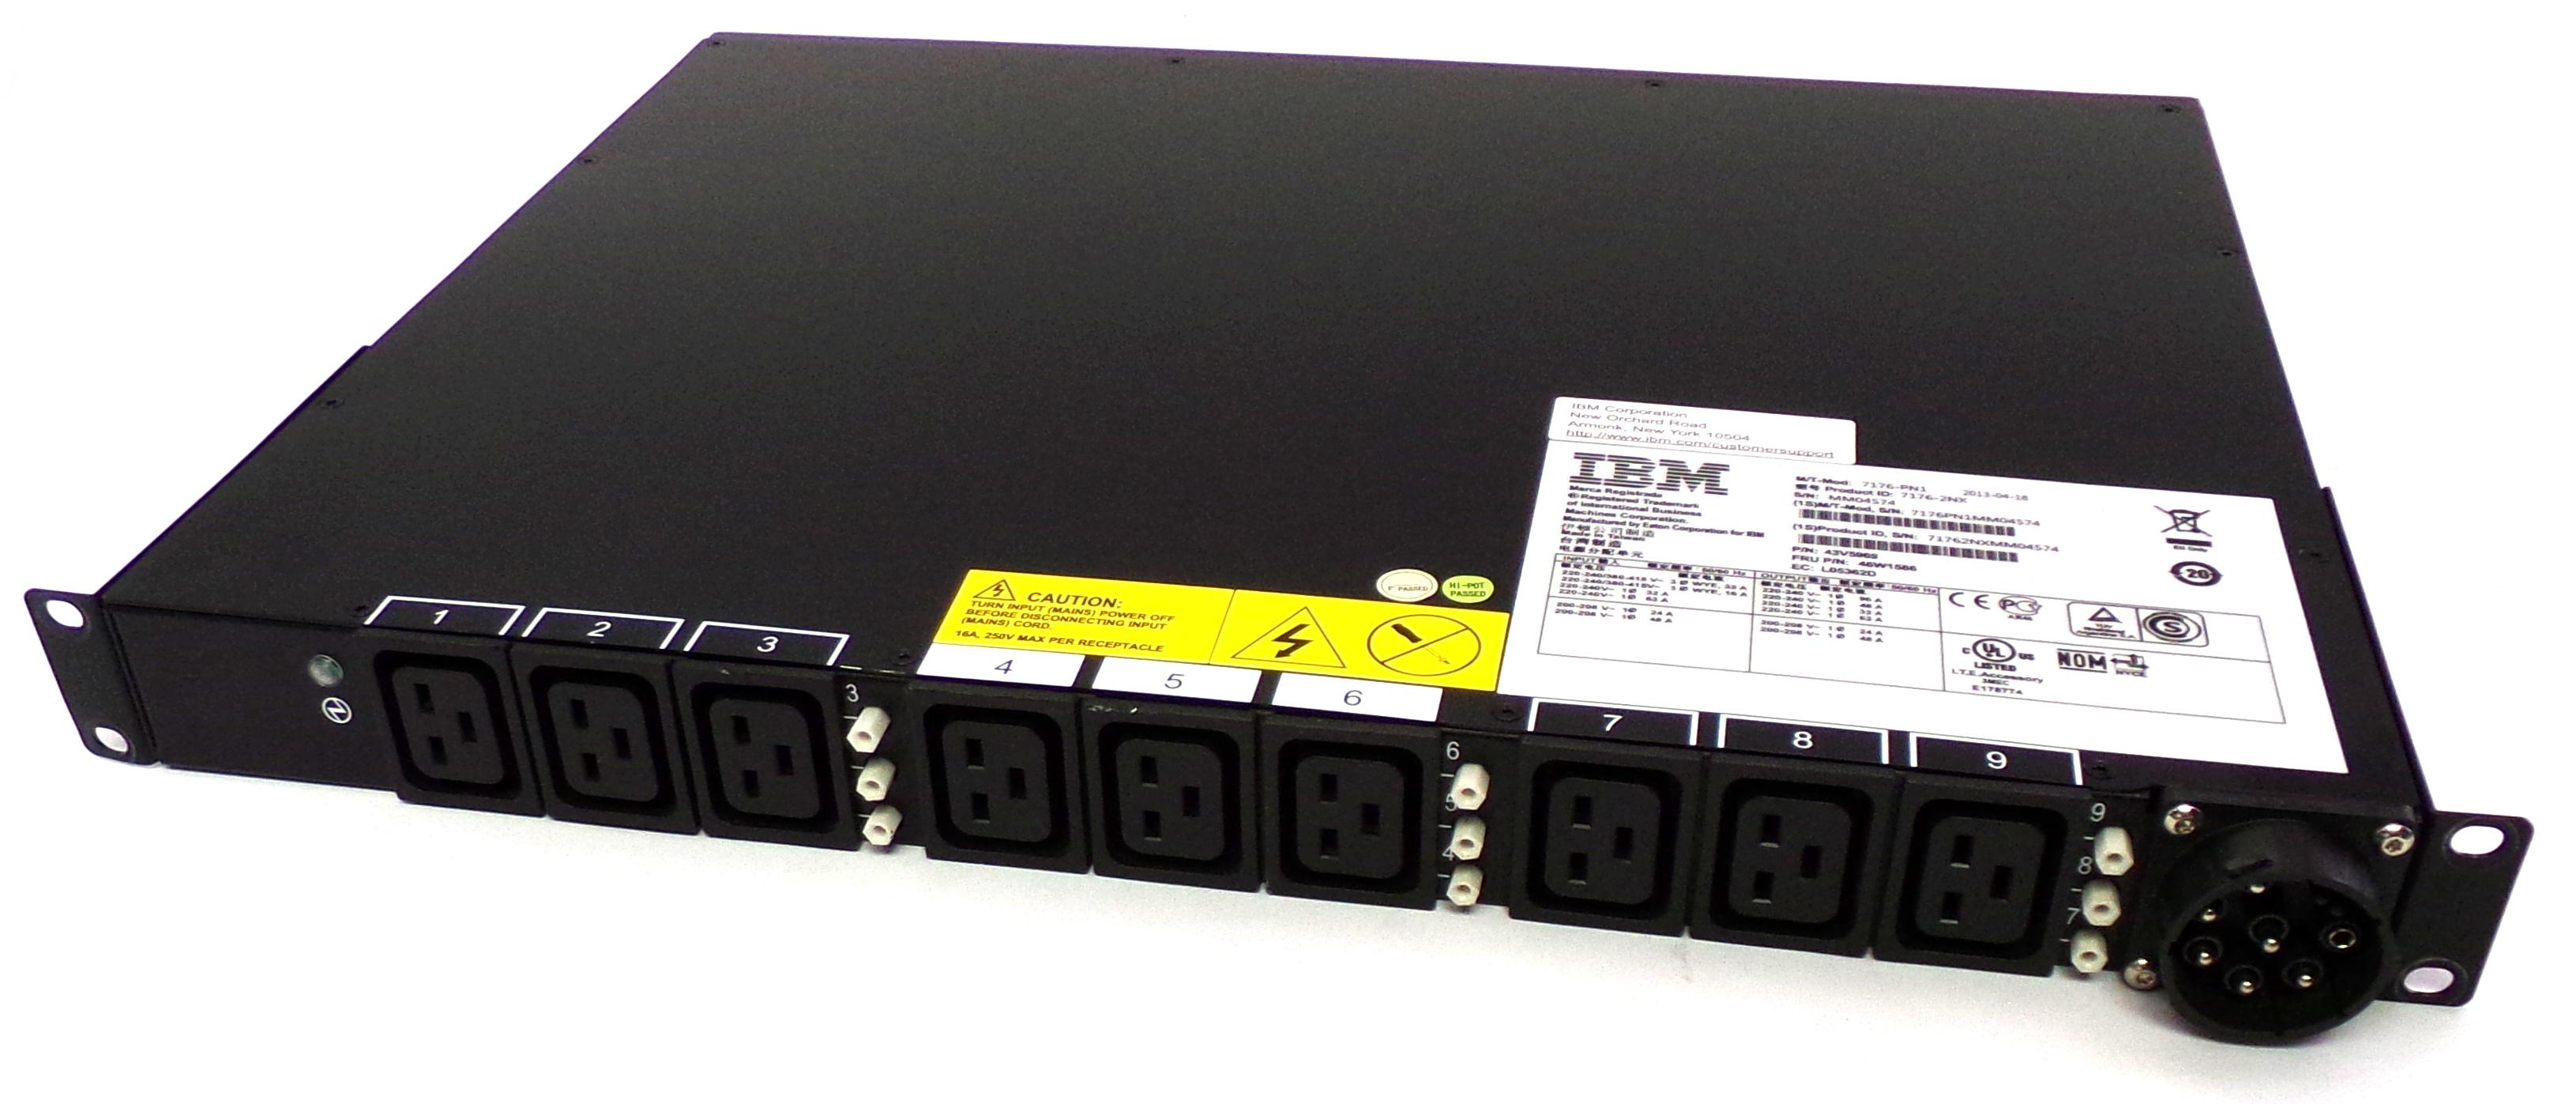 IBM 46W1586 Ultra Density Enterprise C19 / C13 PDU Module - Model: 7176-2NX